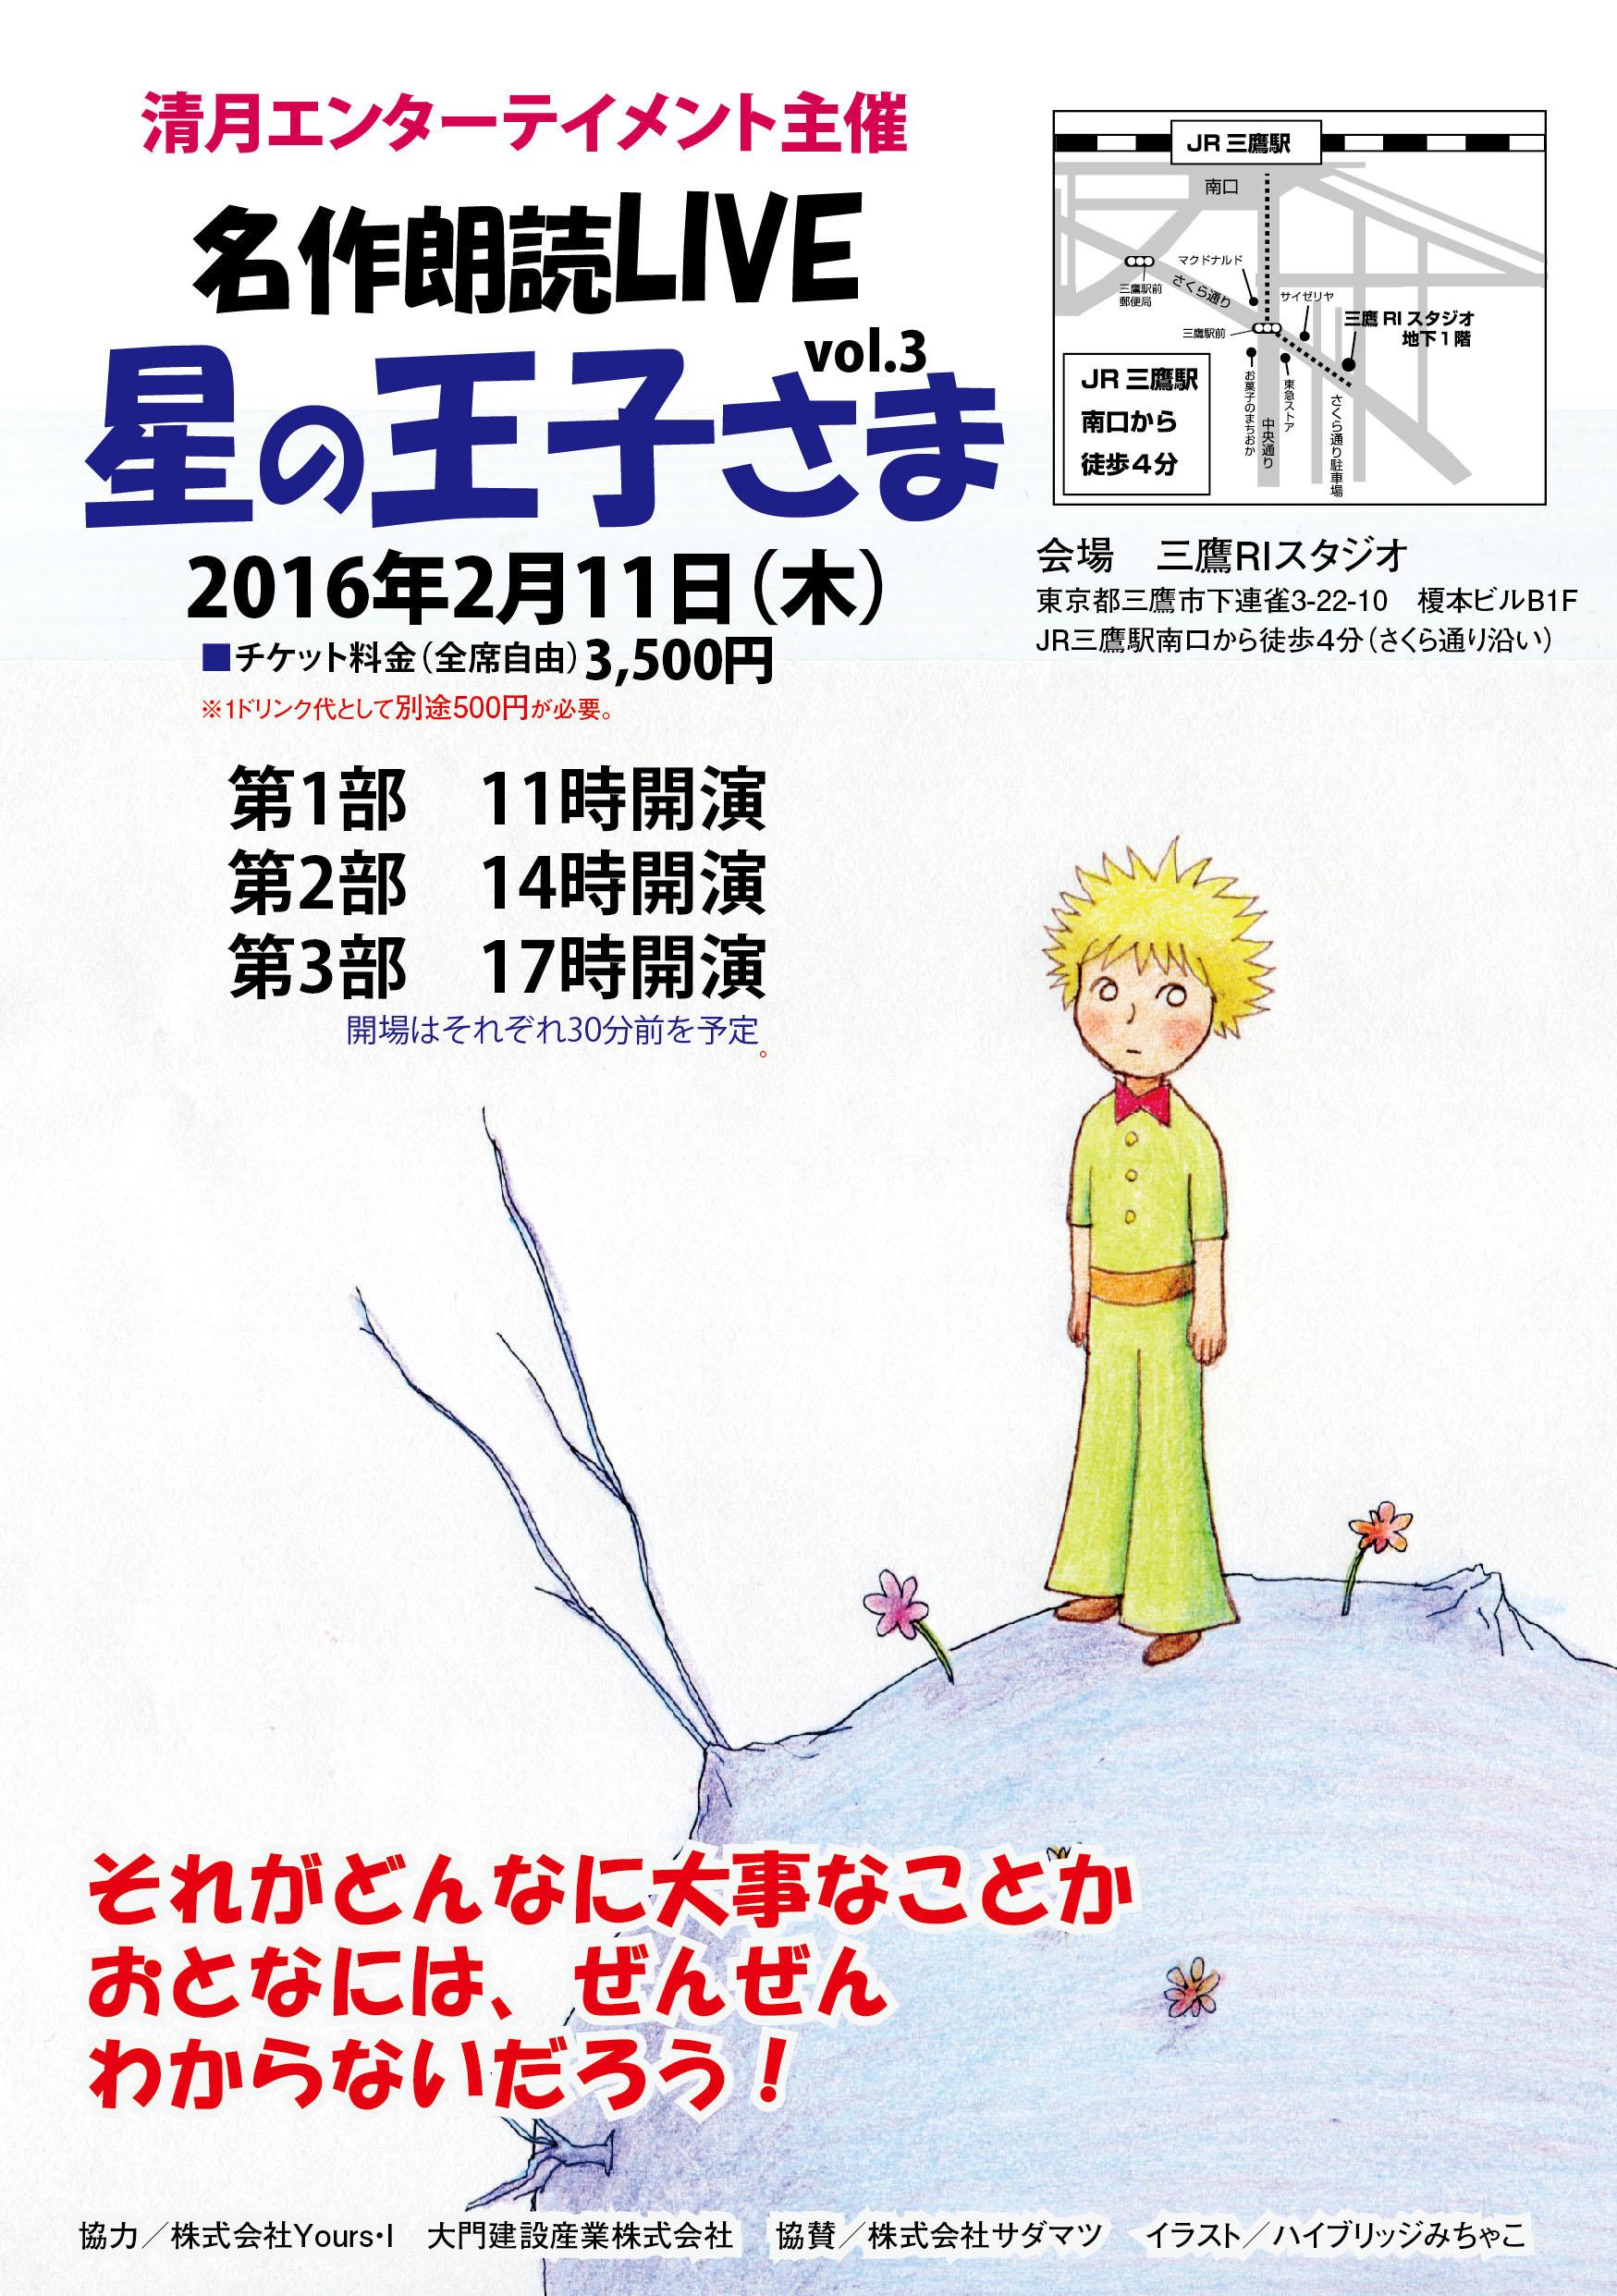 名作朗読ライブ 「星の王子さま」〔2月11日(祝)〕